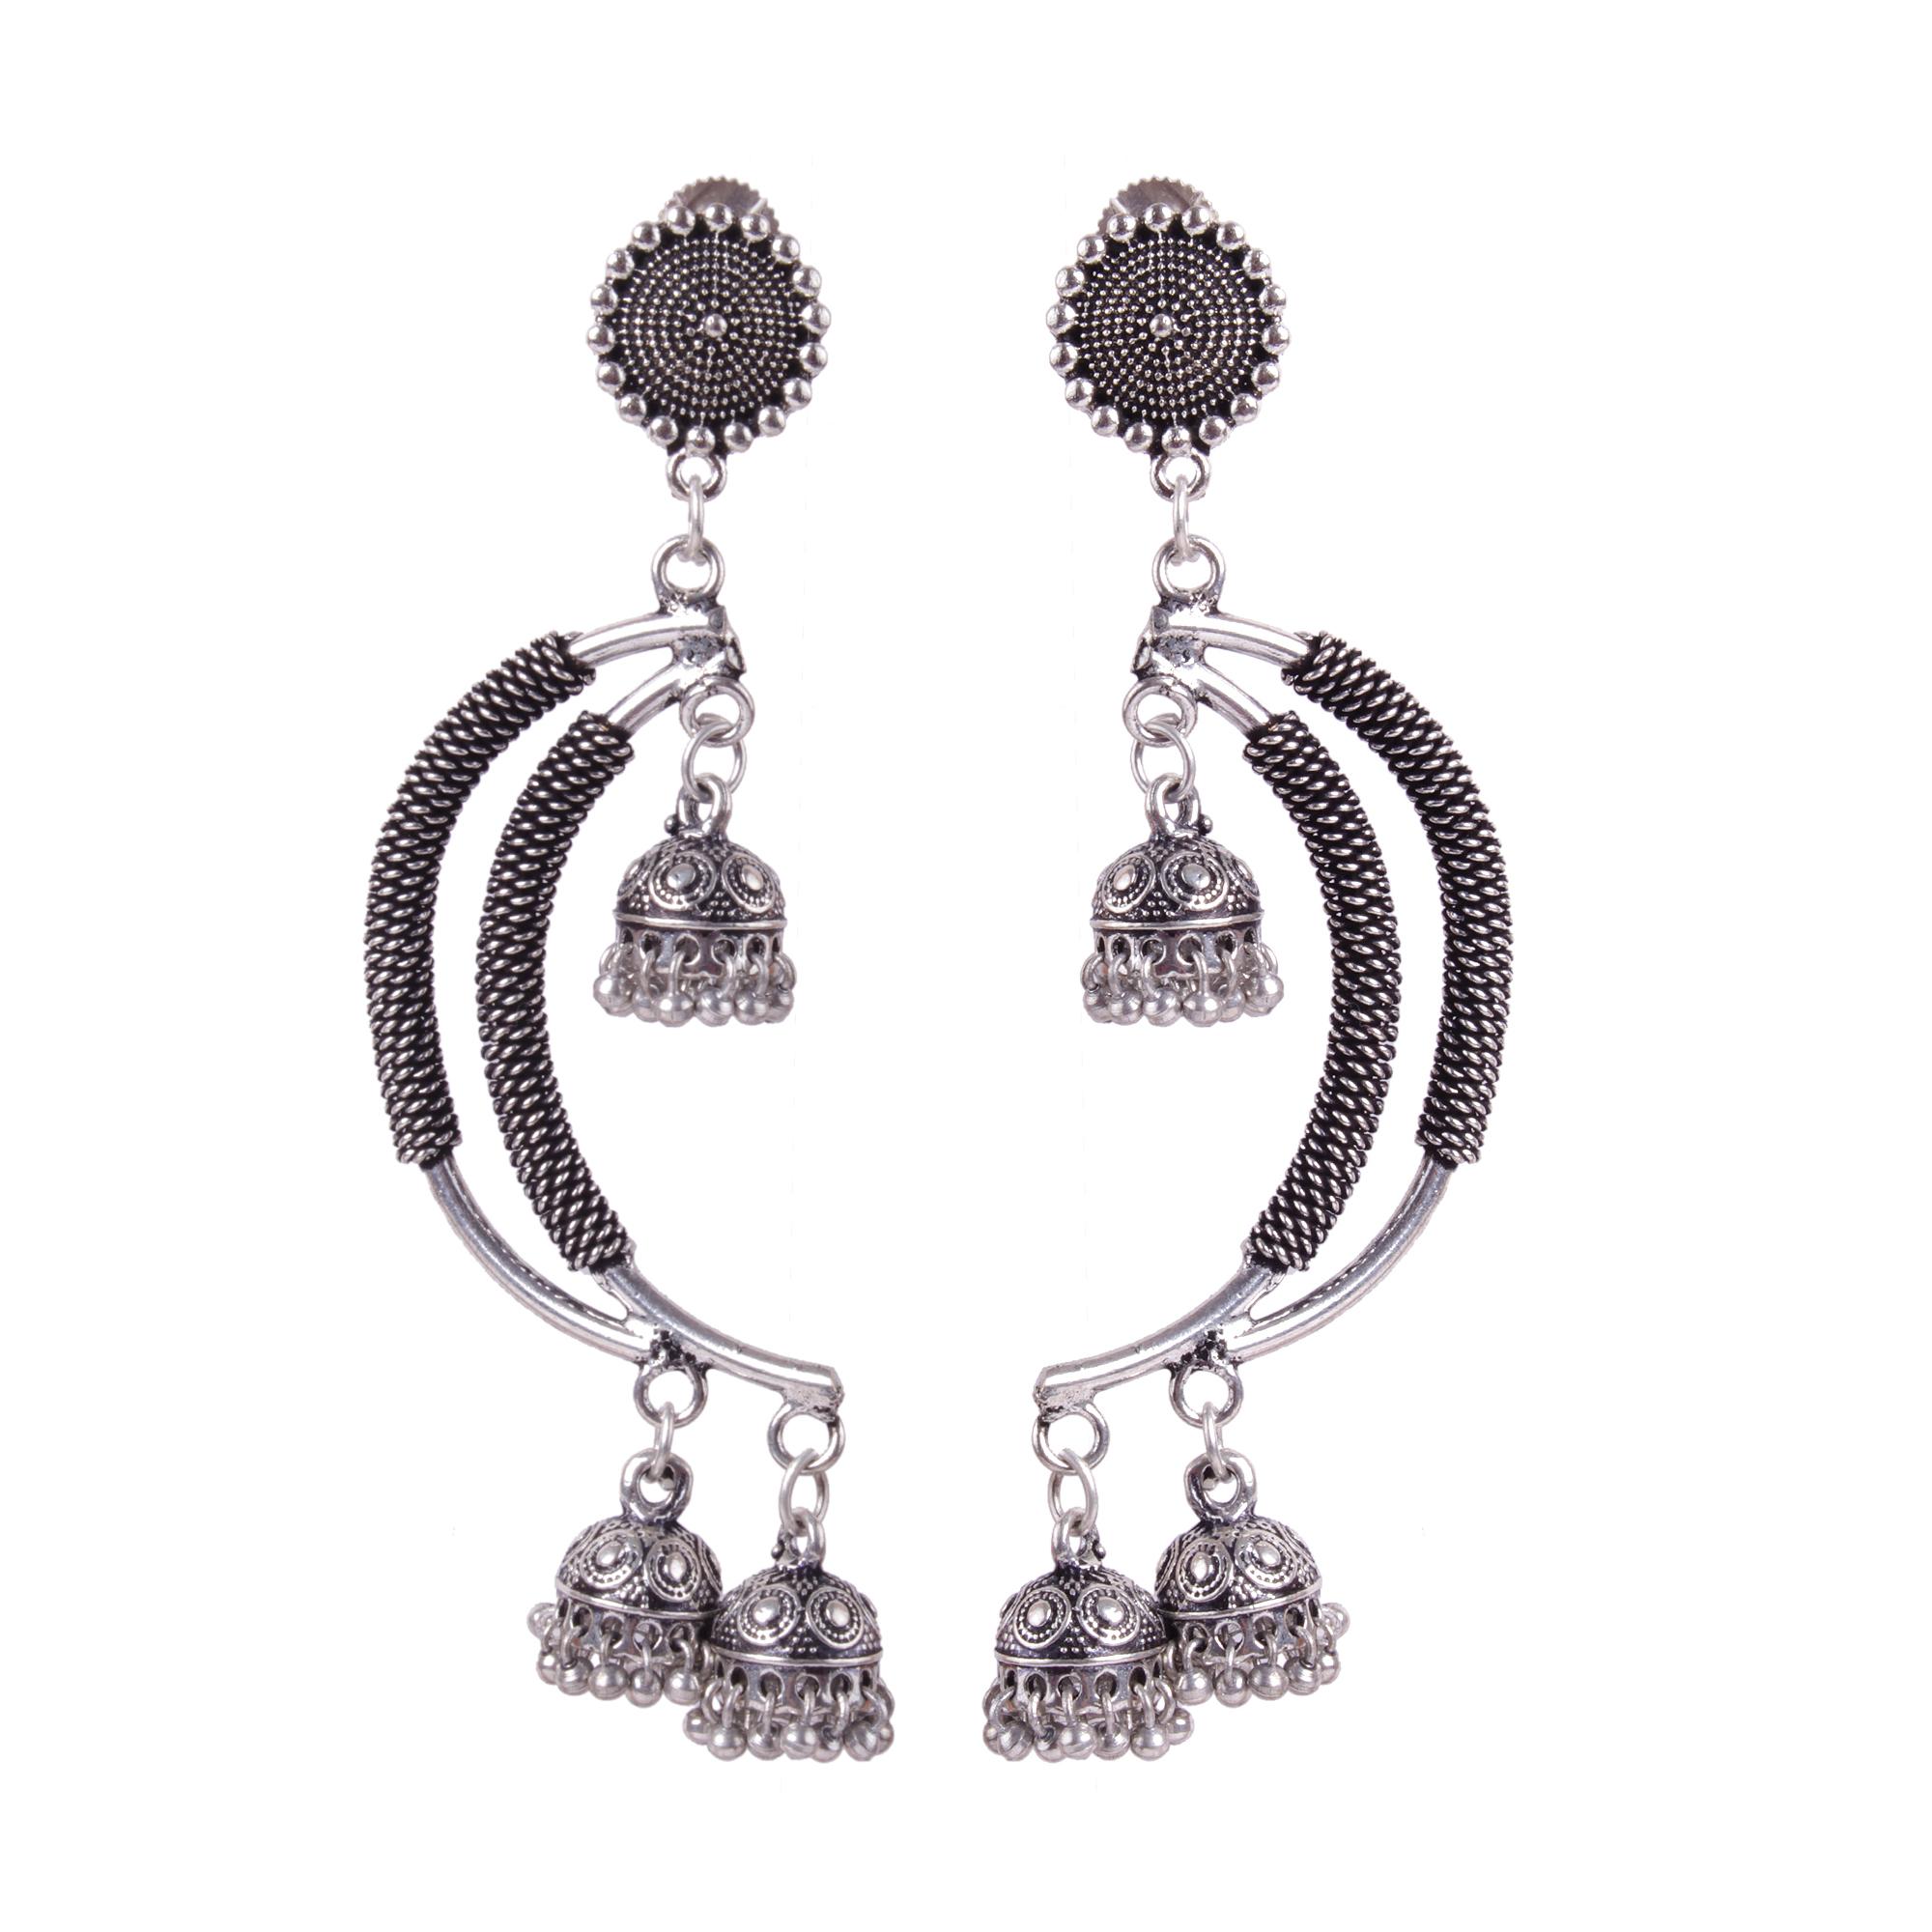 Crescent Moon German Silver Earrings